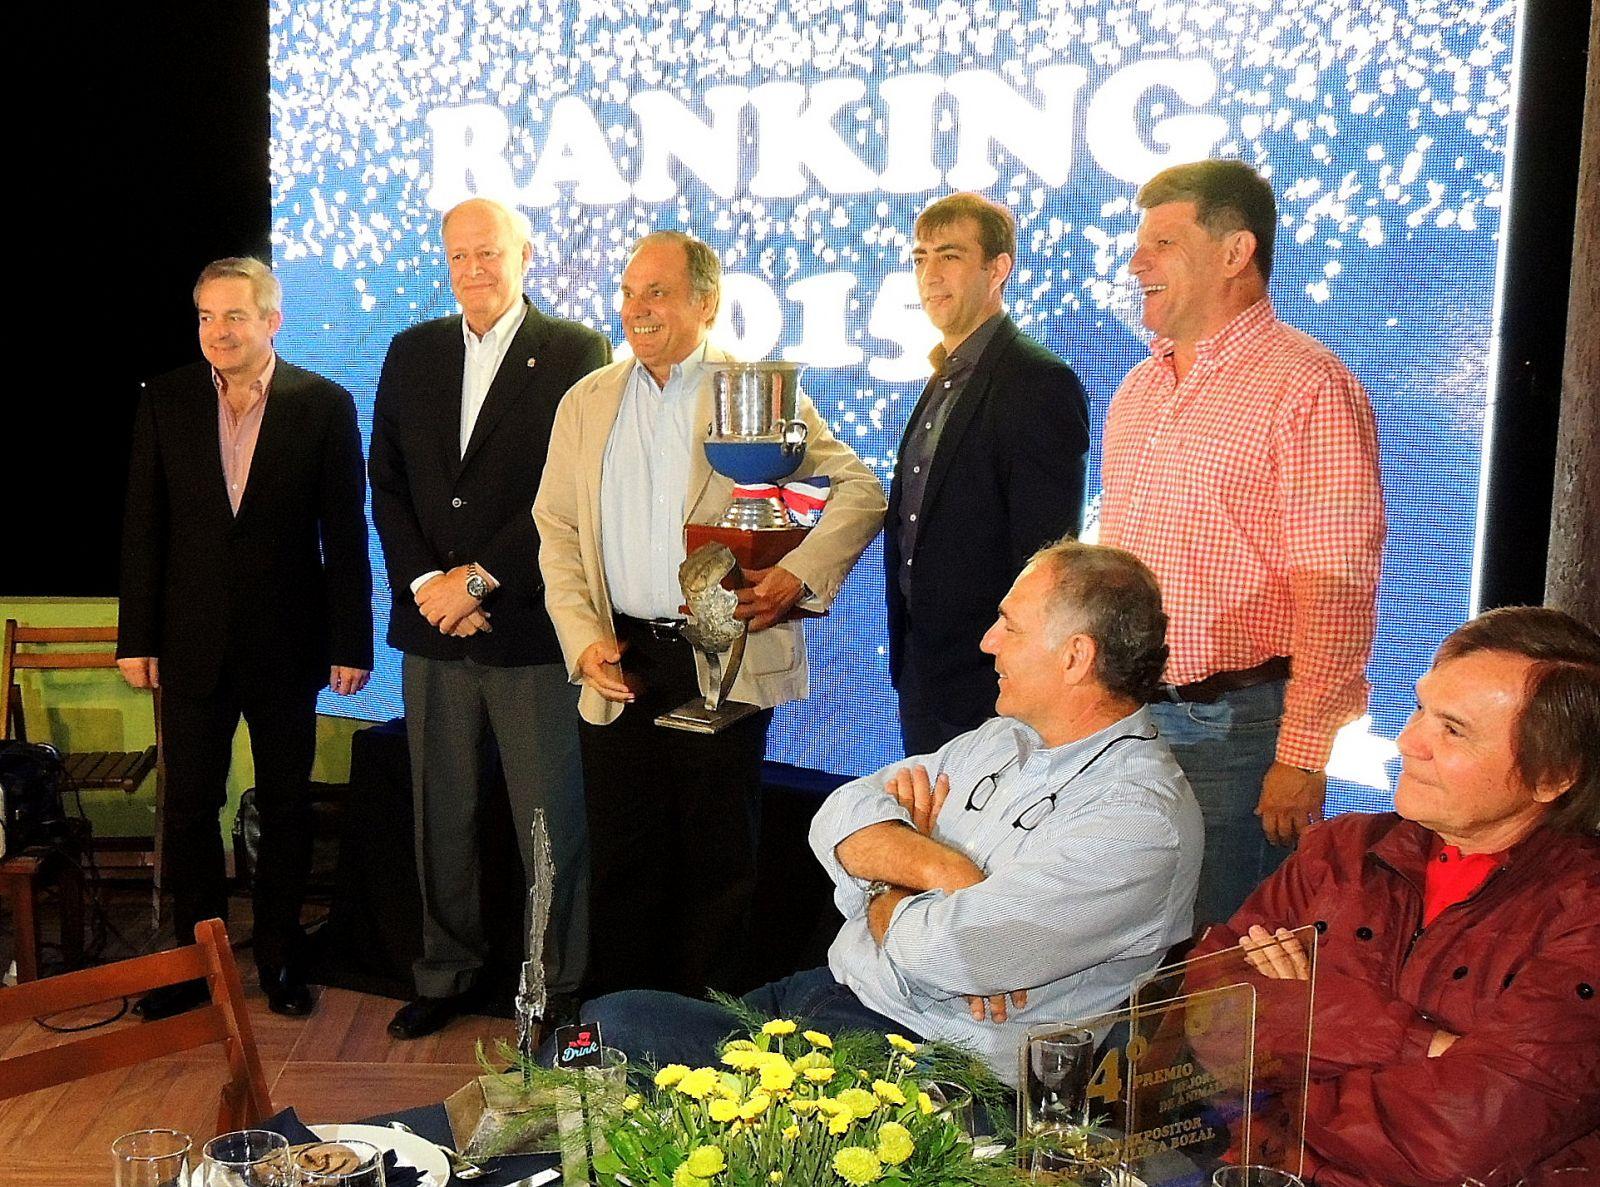 La APCB homenajeó al socio Horacio Lloret en su cena de fin de año